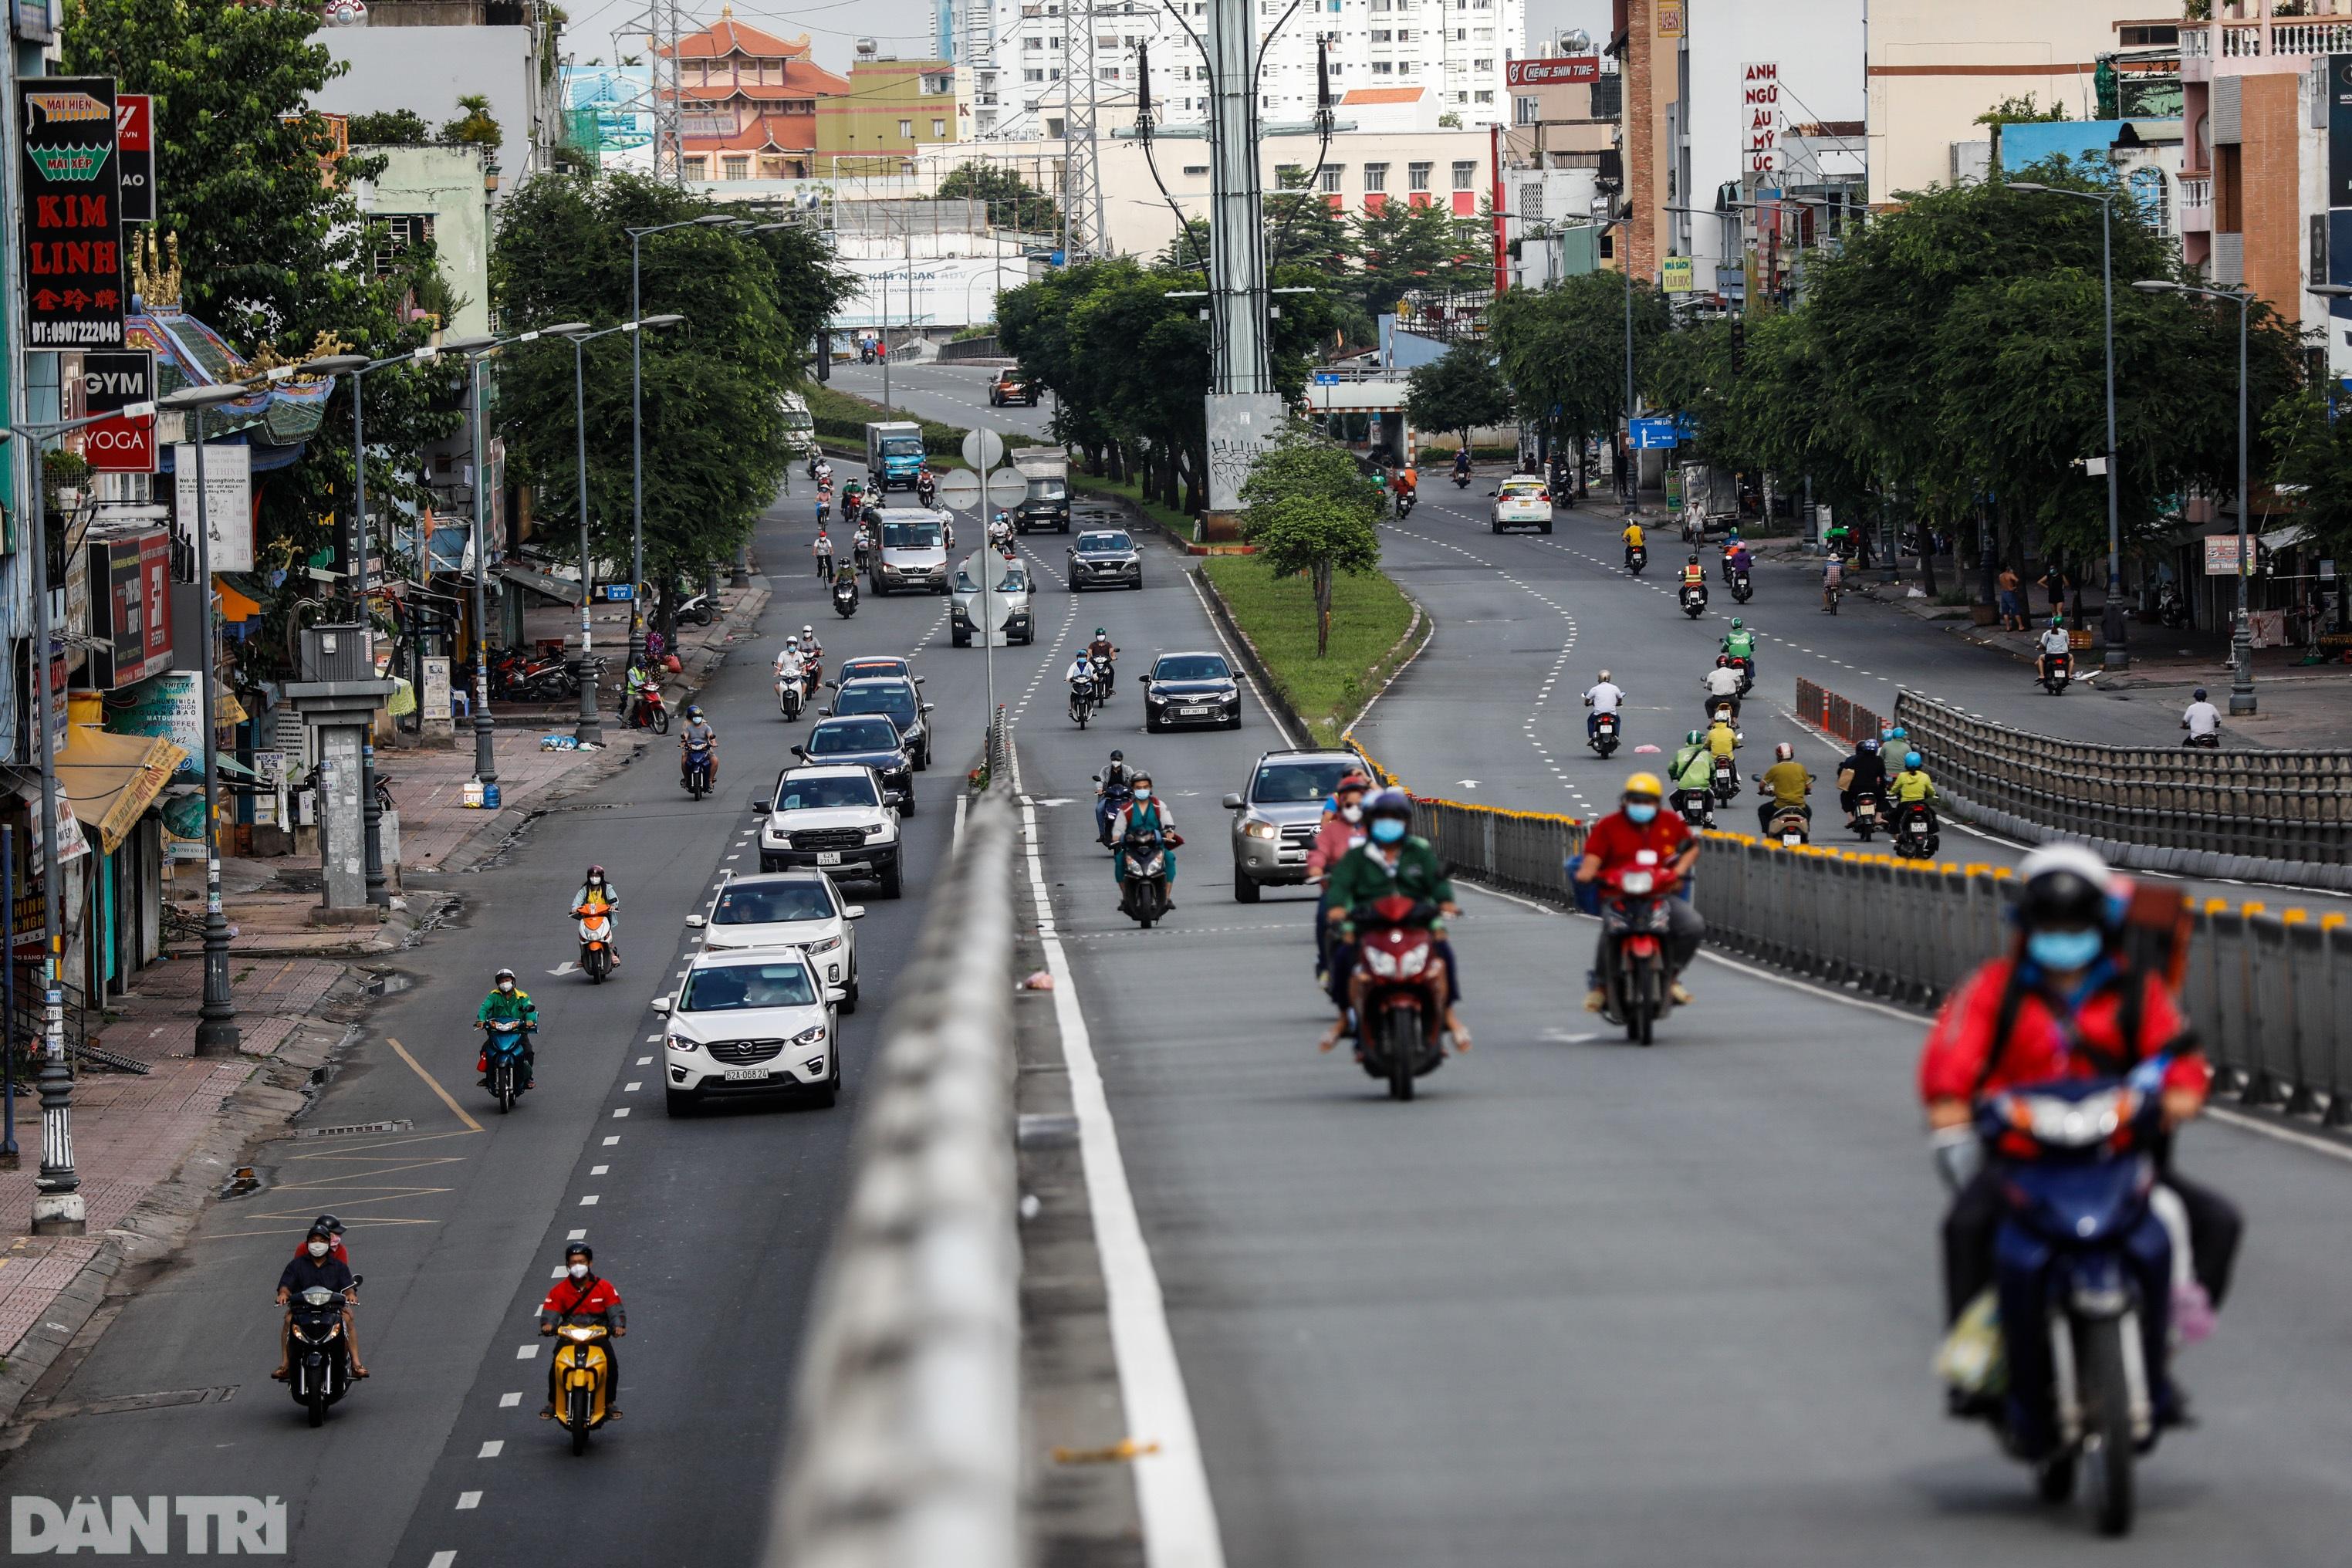 TPHCM sau gia hạn giãn cách: Chốt kiểm soát đông đúc, giao thông nhộn nhịp - 4